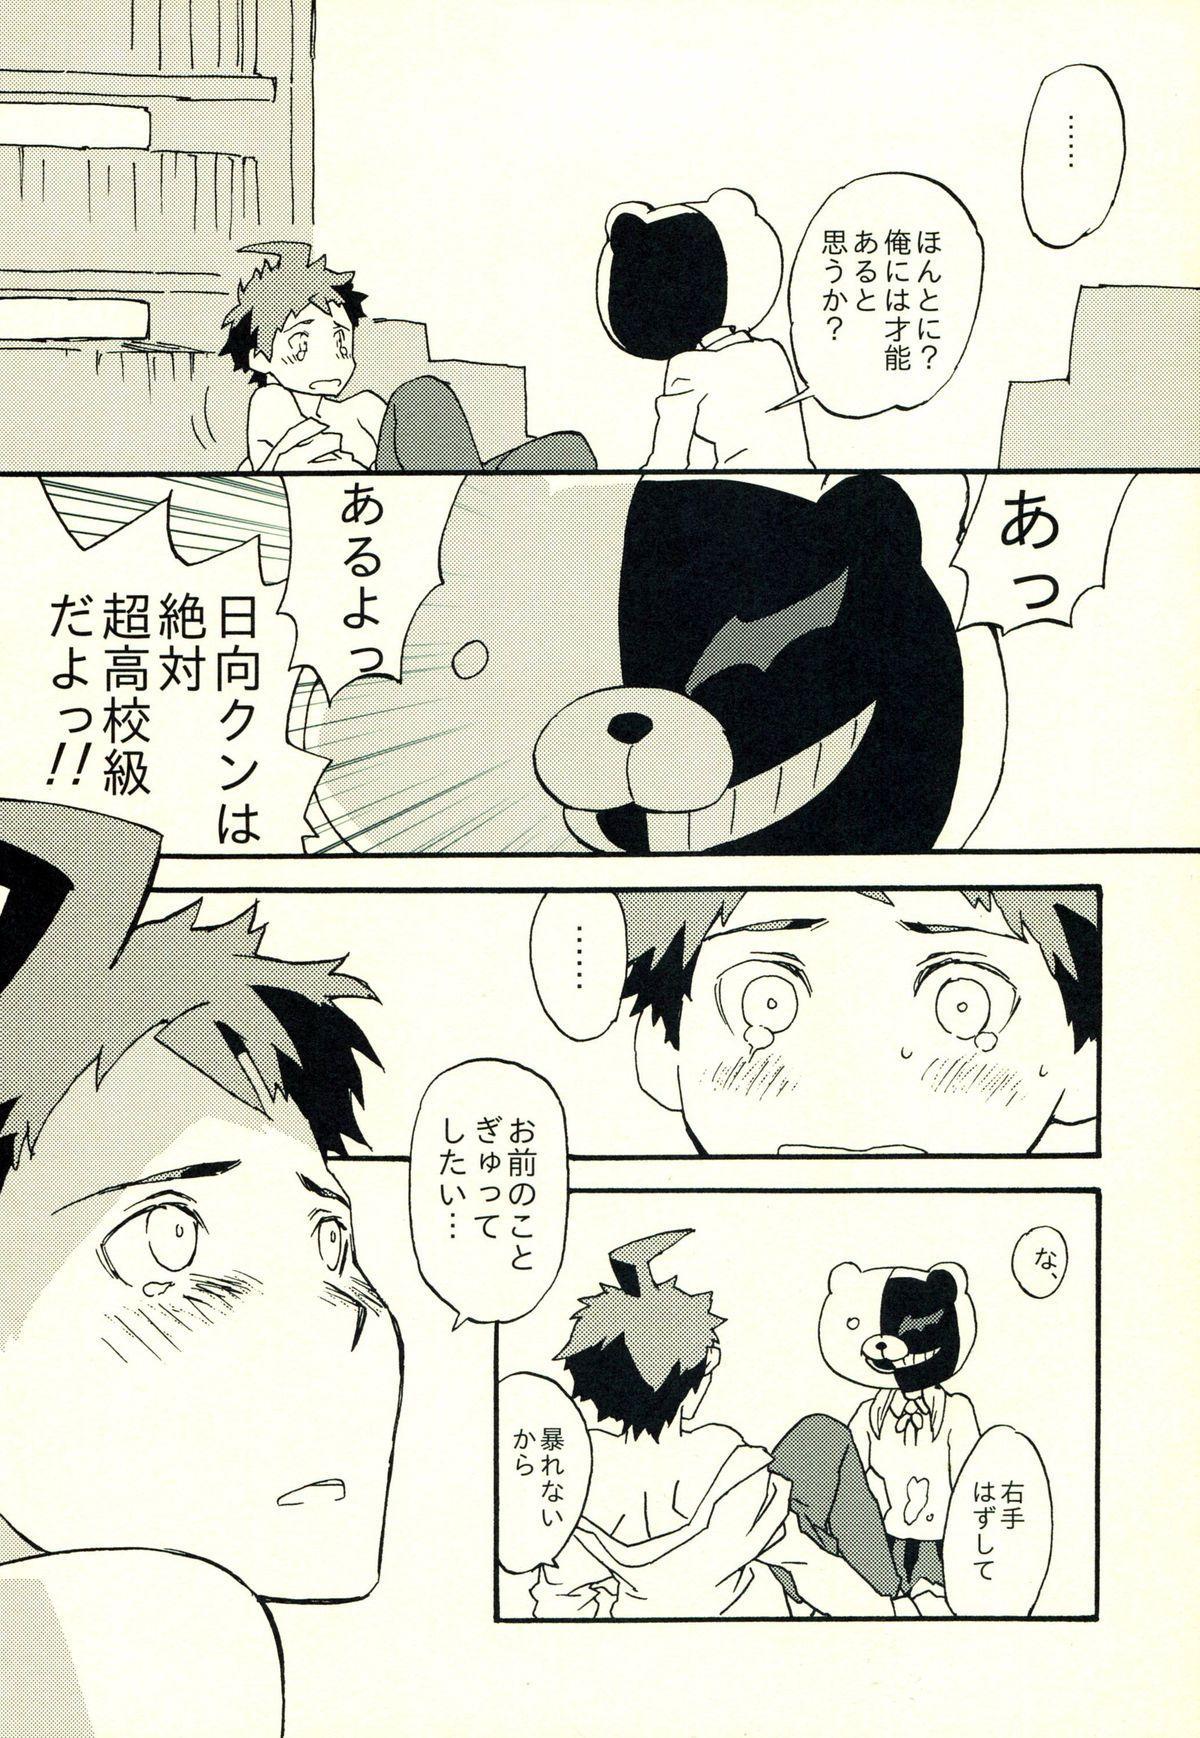 Hinata Hajime no Himitsu no Jikan 122